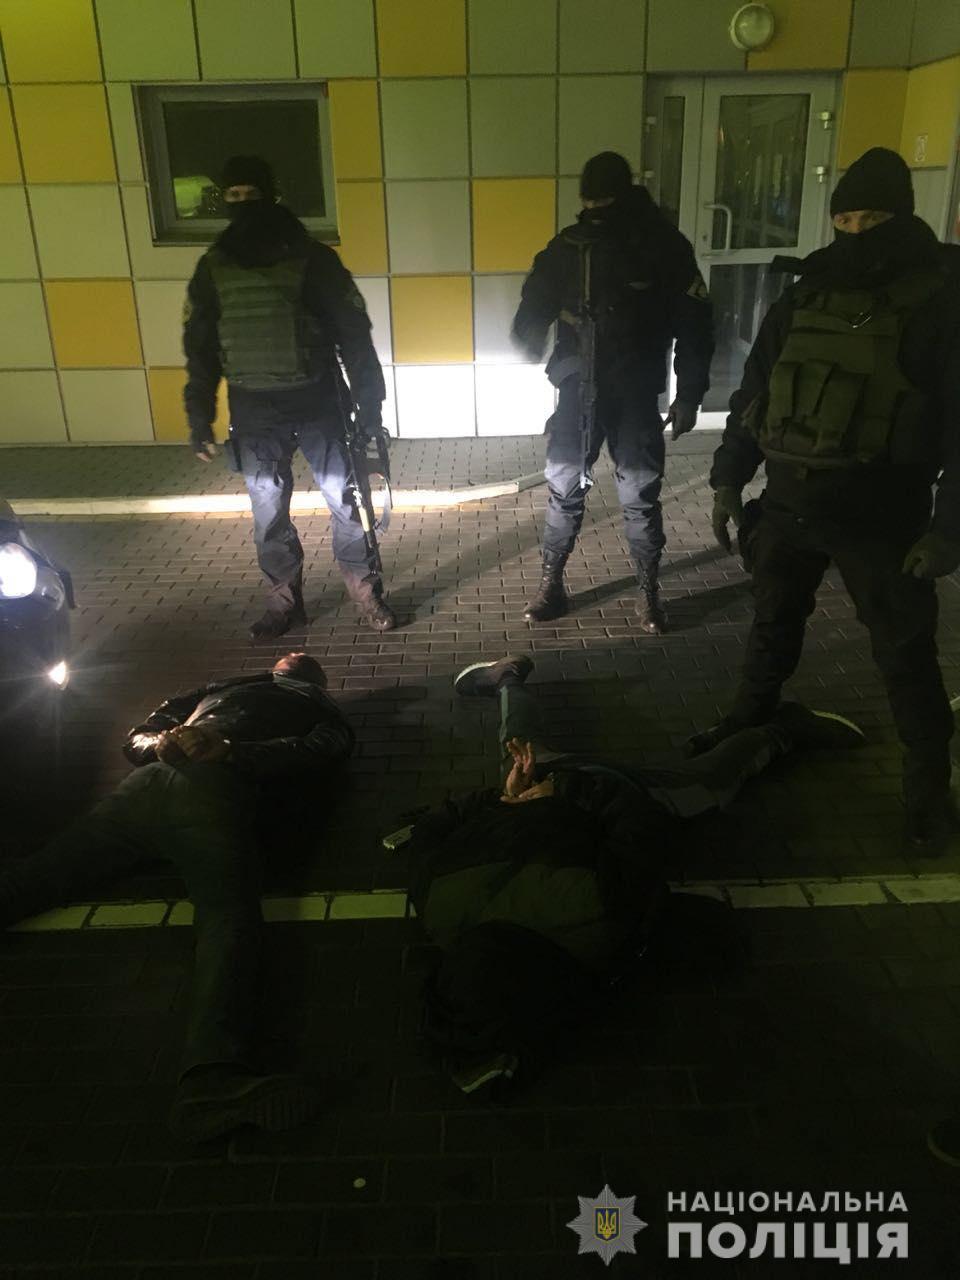 Полиция задержала группировку наркодиллеров из пяти человек